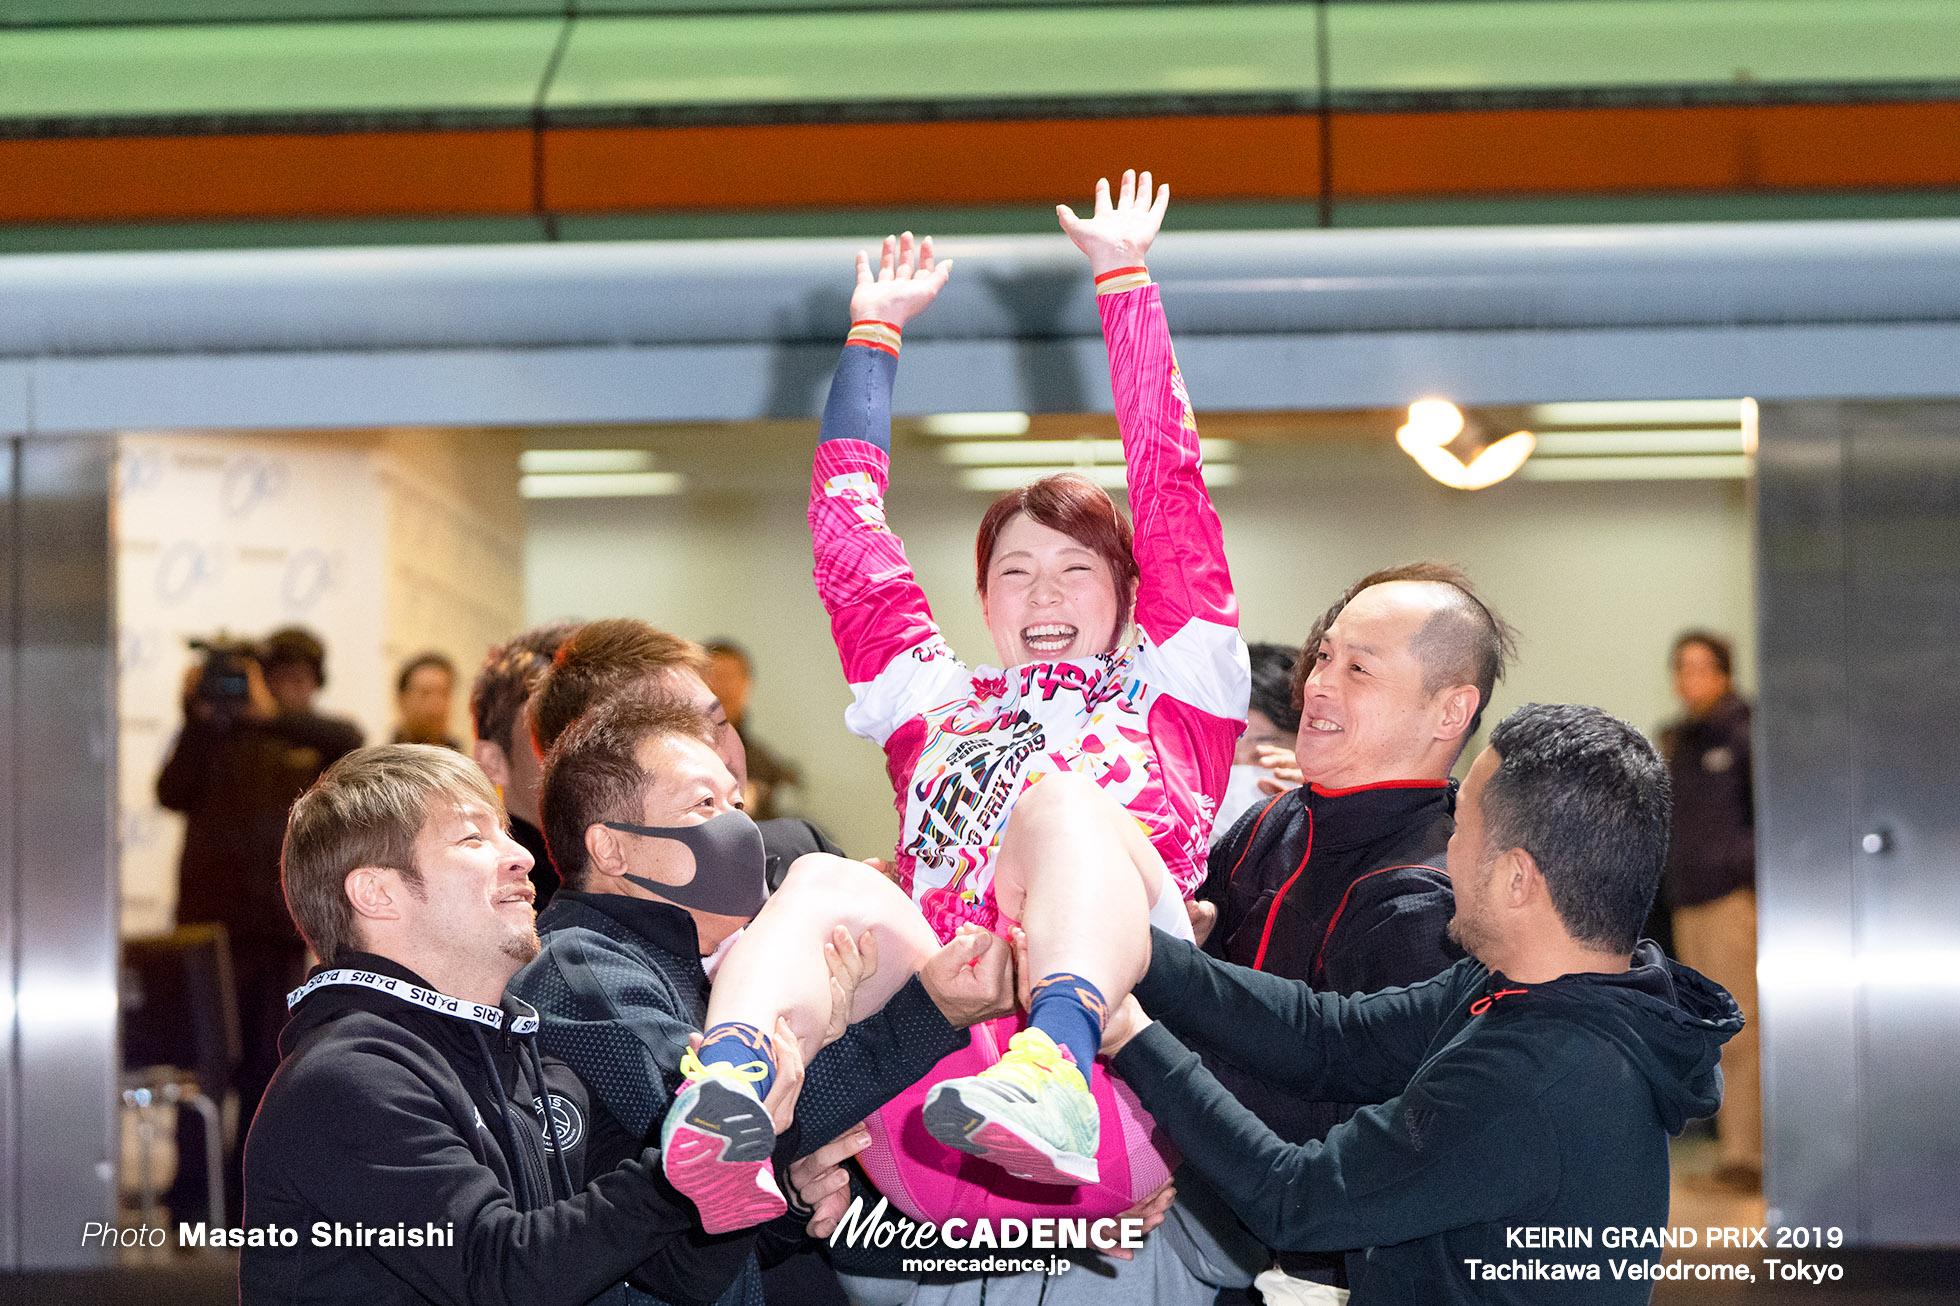 児玉碧衣 KEIRINグランプリ2019 ガールズグランプリ